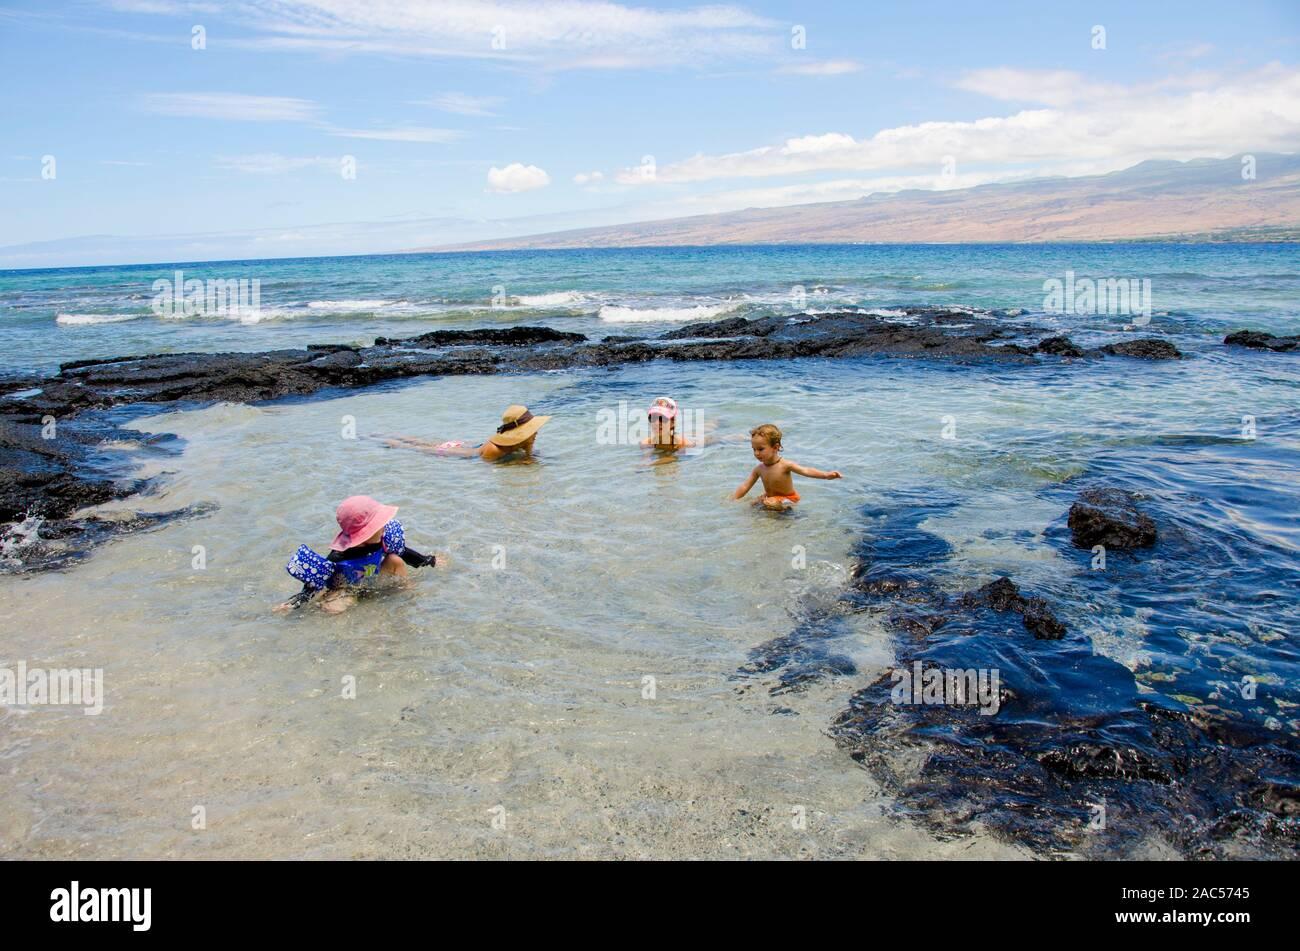 Una niña con el brazo floaties juega con un joven, mientras sus madres mirar en una piscina de marea en Puako, South Kohala, Isla Grande. Foto de stock